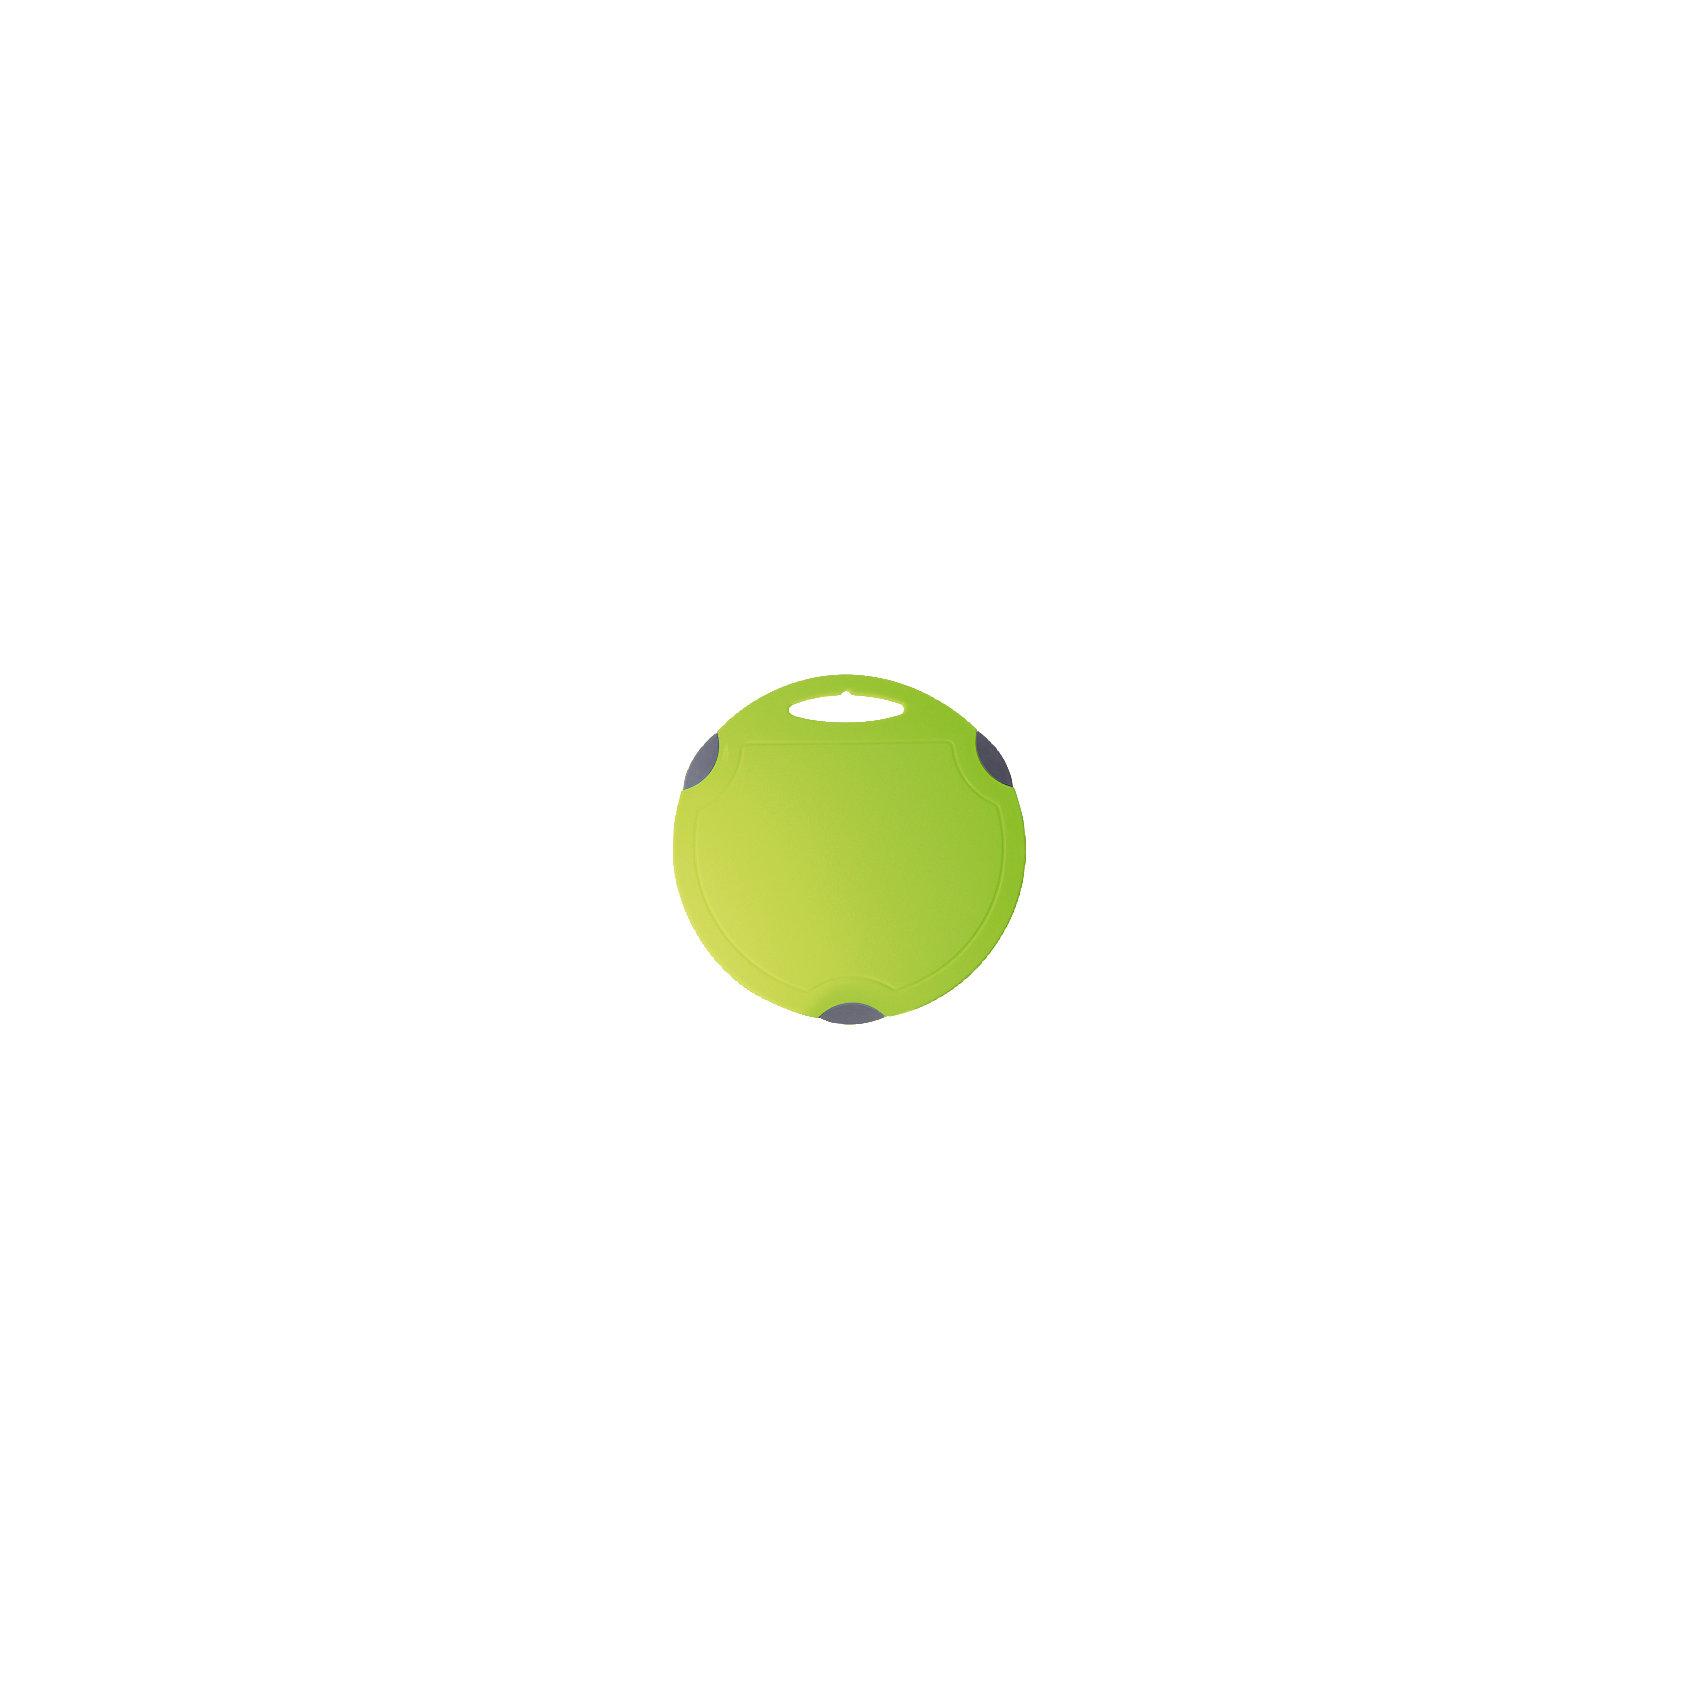 Доска разделочная Люкс круглая большая, Plastic CentreПосуда<br>Доска разделочная Люкс круглая большая, Plastic Centre<br><br>Характеристики:<br><br>• Цвет: зеленый<br>• Материал: пластик<br>• В комплекте: 1 штука<br>• Размер: 32х32 см<br><br>Хорошие разделочные доски позволят вам легко навести порядок на вашей кухне и не отвлекаться на мелочи. Эта доска оснащена специальным желобком, который поможет слить стекающую воду, не потревожив продукты. Изготовлены они из высококачественного пищевого пластика, который безопасен  для здоровья. Доска устойчива к запахам и порезам от ножа. Стильный дизайн не оставит равнодушным никого.<br><br>Доска разделочная Люкс круглая большая, Plastic Centre можно купить в нашем интернет-магазине.<br><br>Ширина мм: 320<br>Глубина мм: 320<br>Высота мм: 7<br>Вес г: 472<br>Возраст от месяцев: 216<br>Возраст до месяцев: 1188<br>Пол: Унисекс<br>Возраст: Детский<br>SKU: 5545676